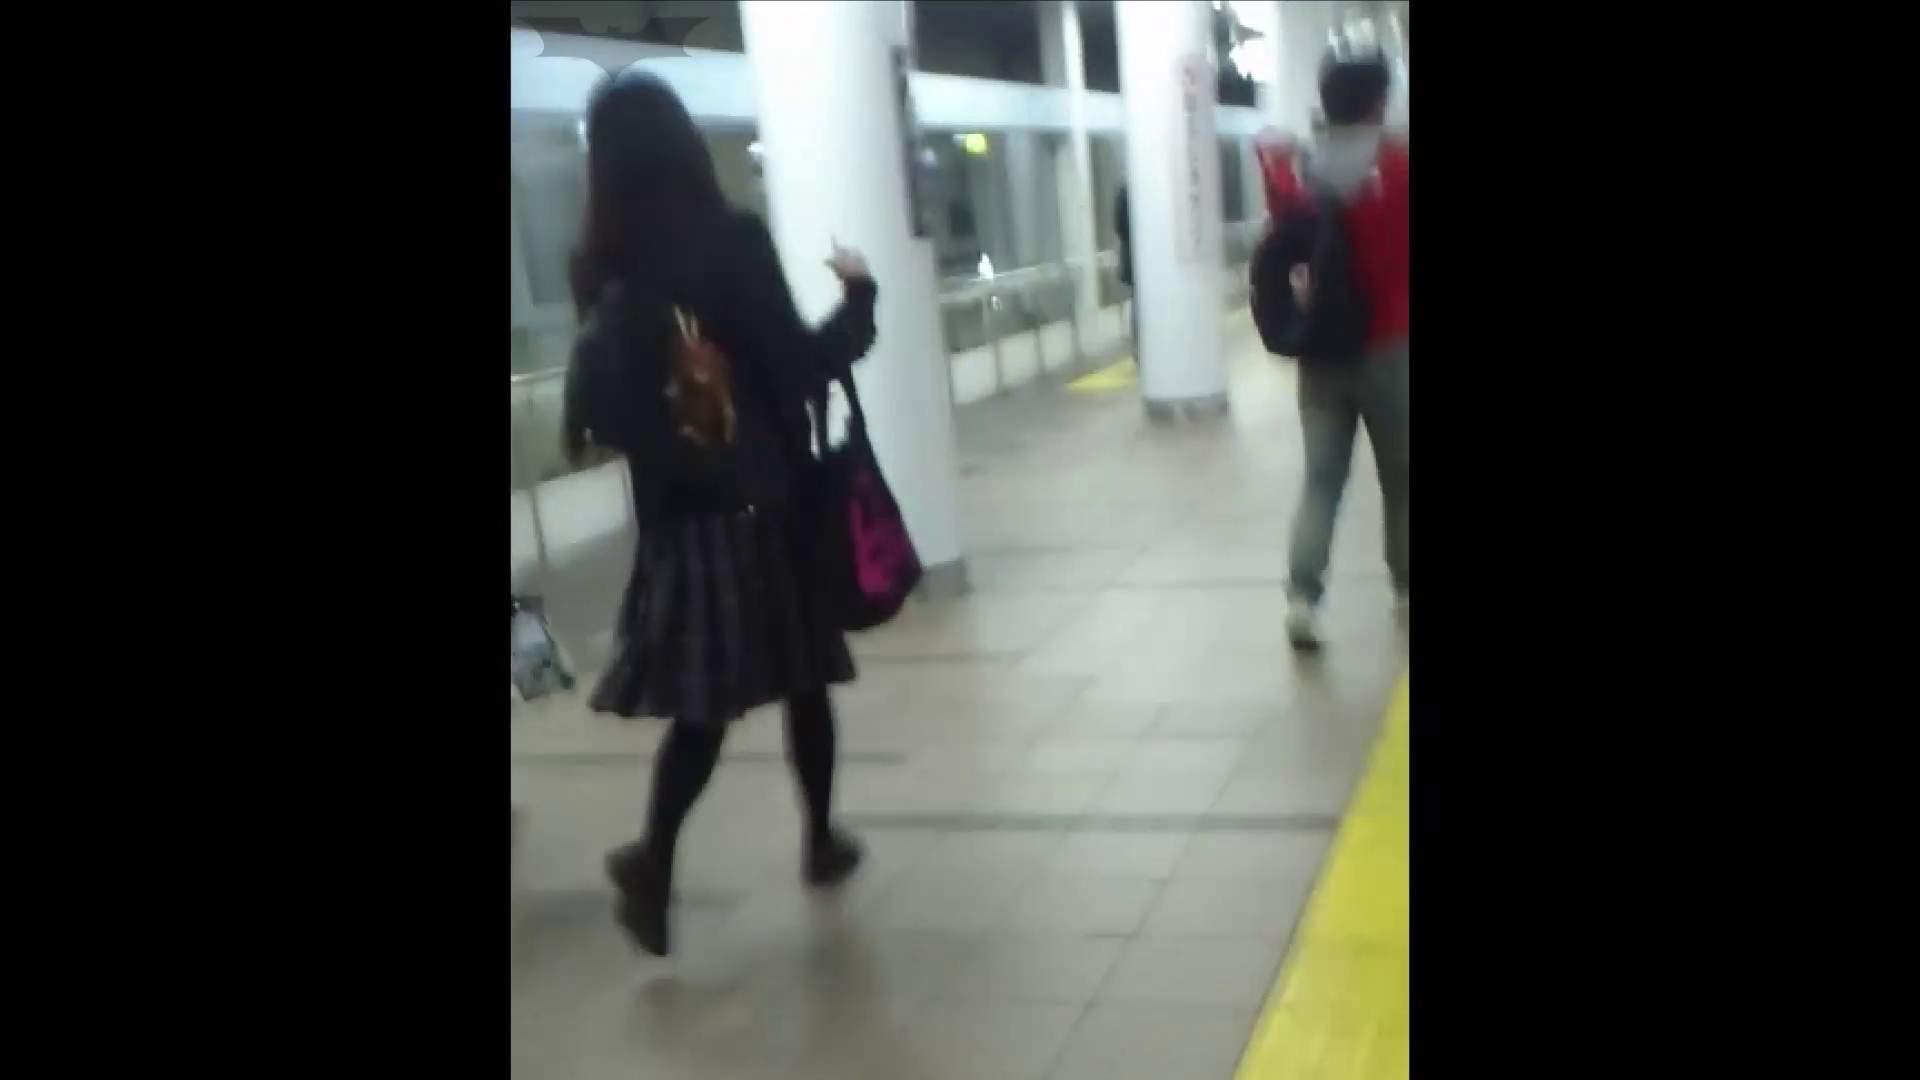 盗撮列車 Vol.14 お嬢様のバックプリントパンツ パンツ | 盗撮エロすぎ  99連発 23